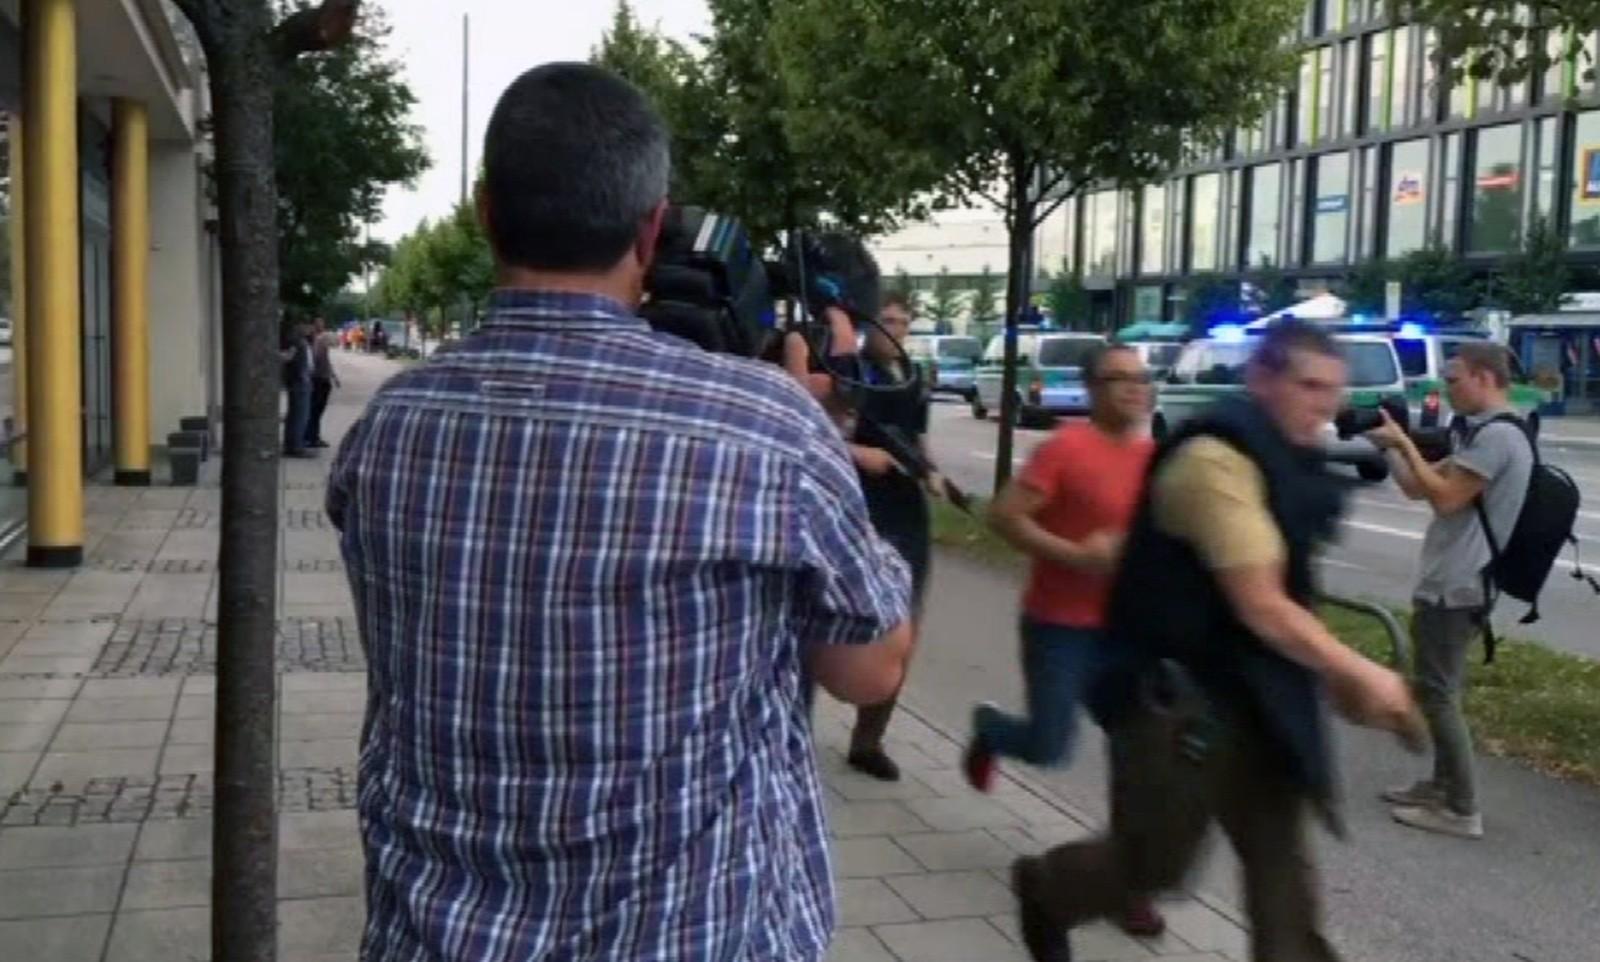 STOR USIKKERHET: Bevæpnet politi springer forbi media på gatene i München. Personen som avfyrte skudd inne på et kjøpesenter fredag kveld er ennå ikke pågrepet. Store mengder politi har rykket ut.